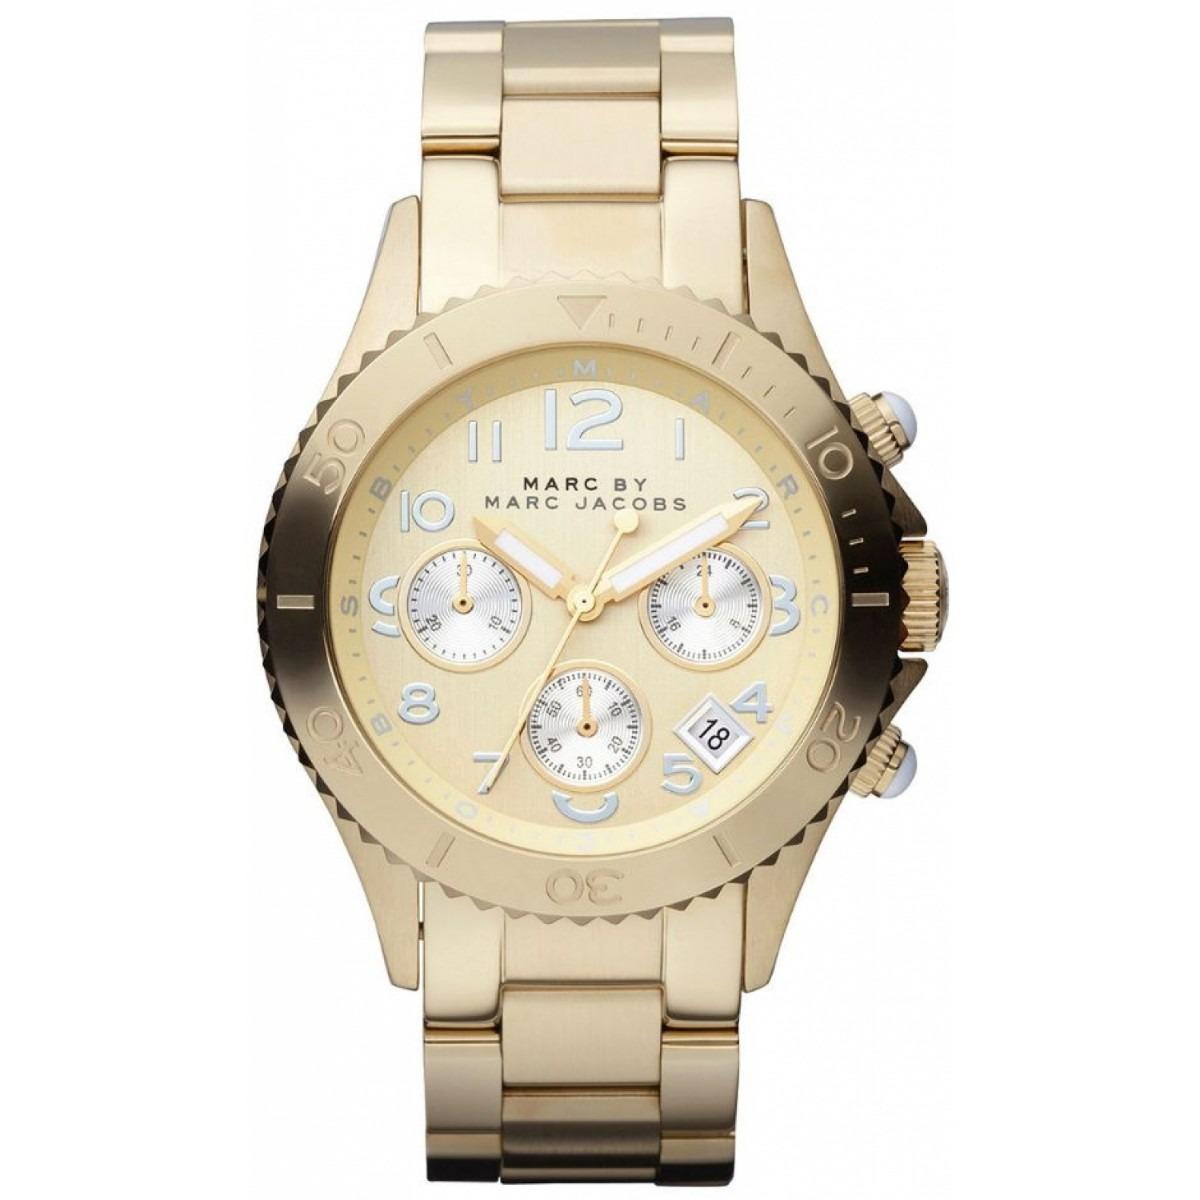 Relógio Marc Jacobs Mbm3188 - R  1.799,00 em Mercado Livre 6a981bdc4d